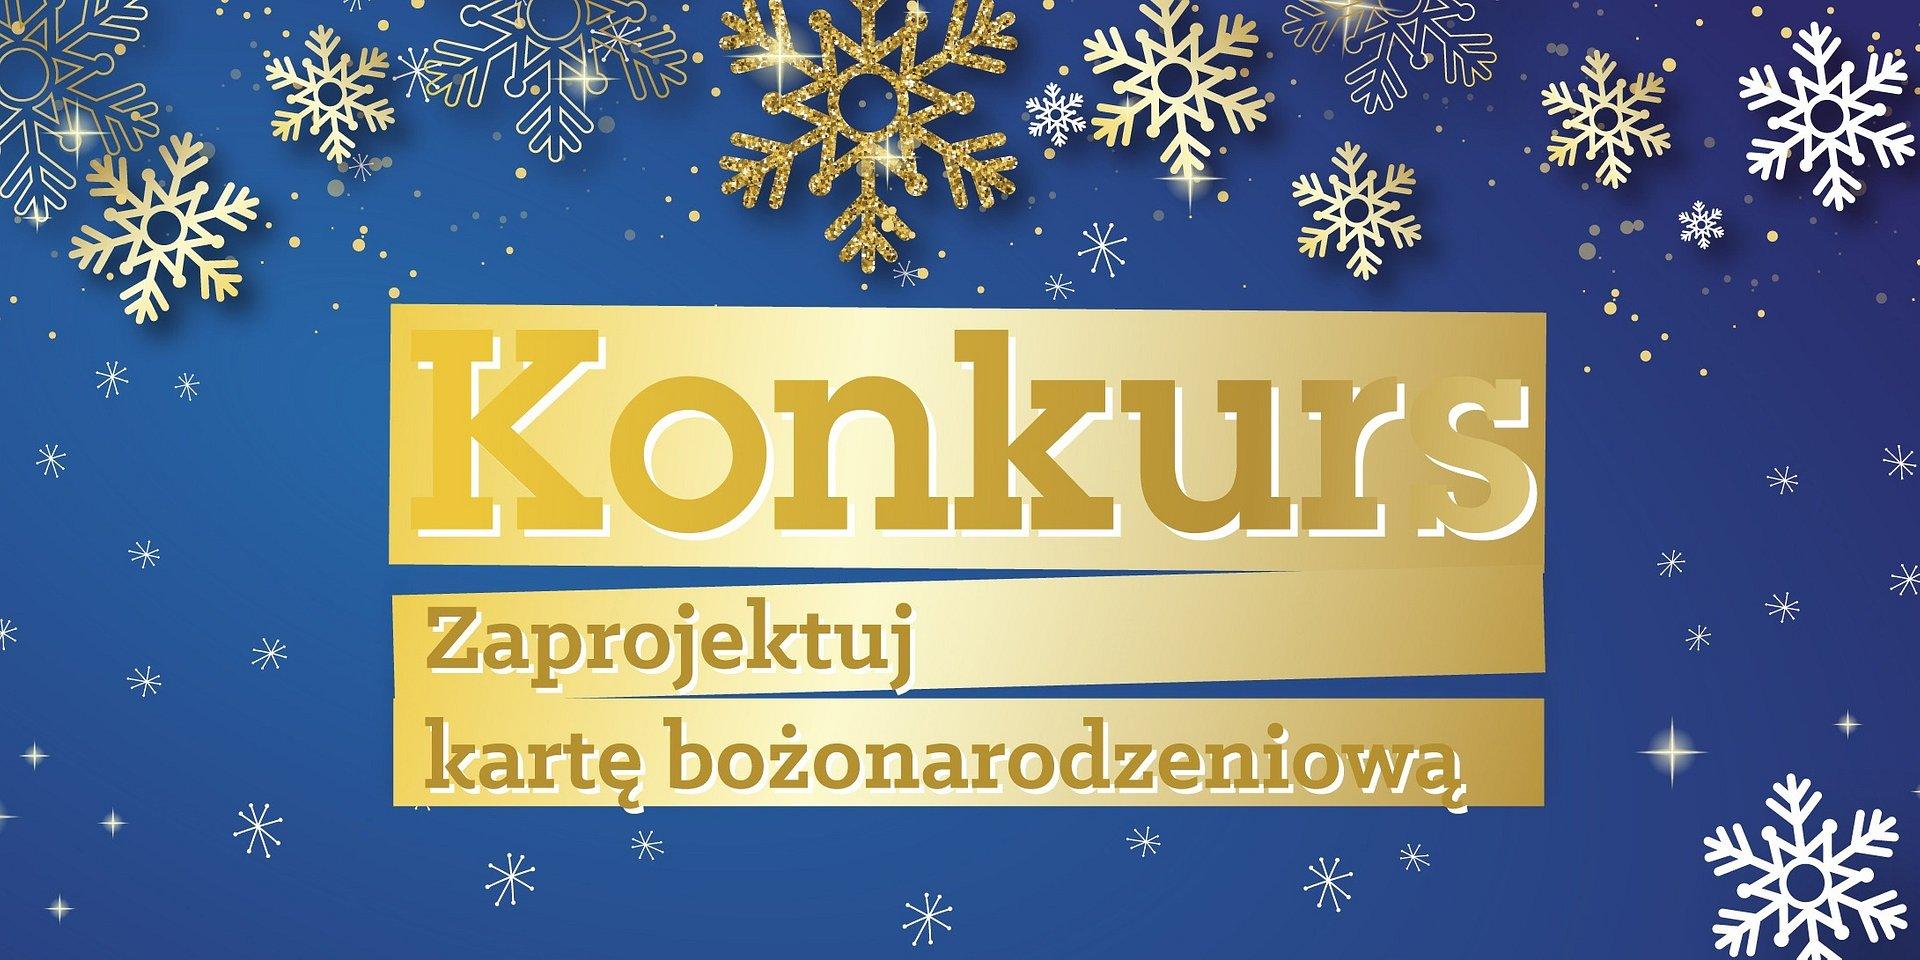 Kartka bożonarodzeniowa dla PERN